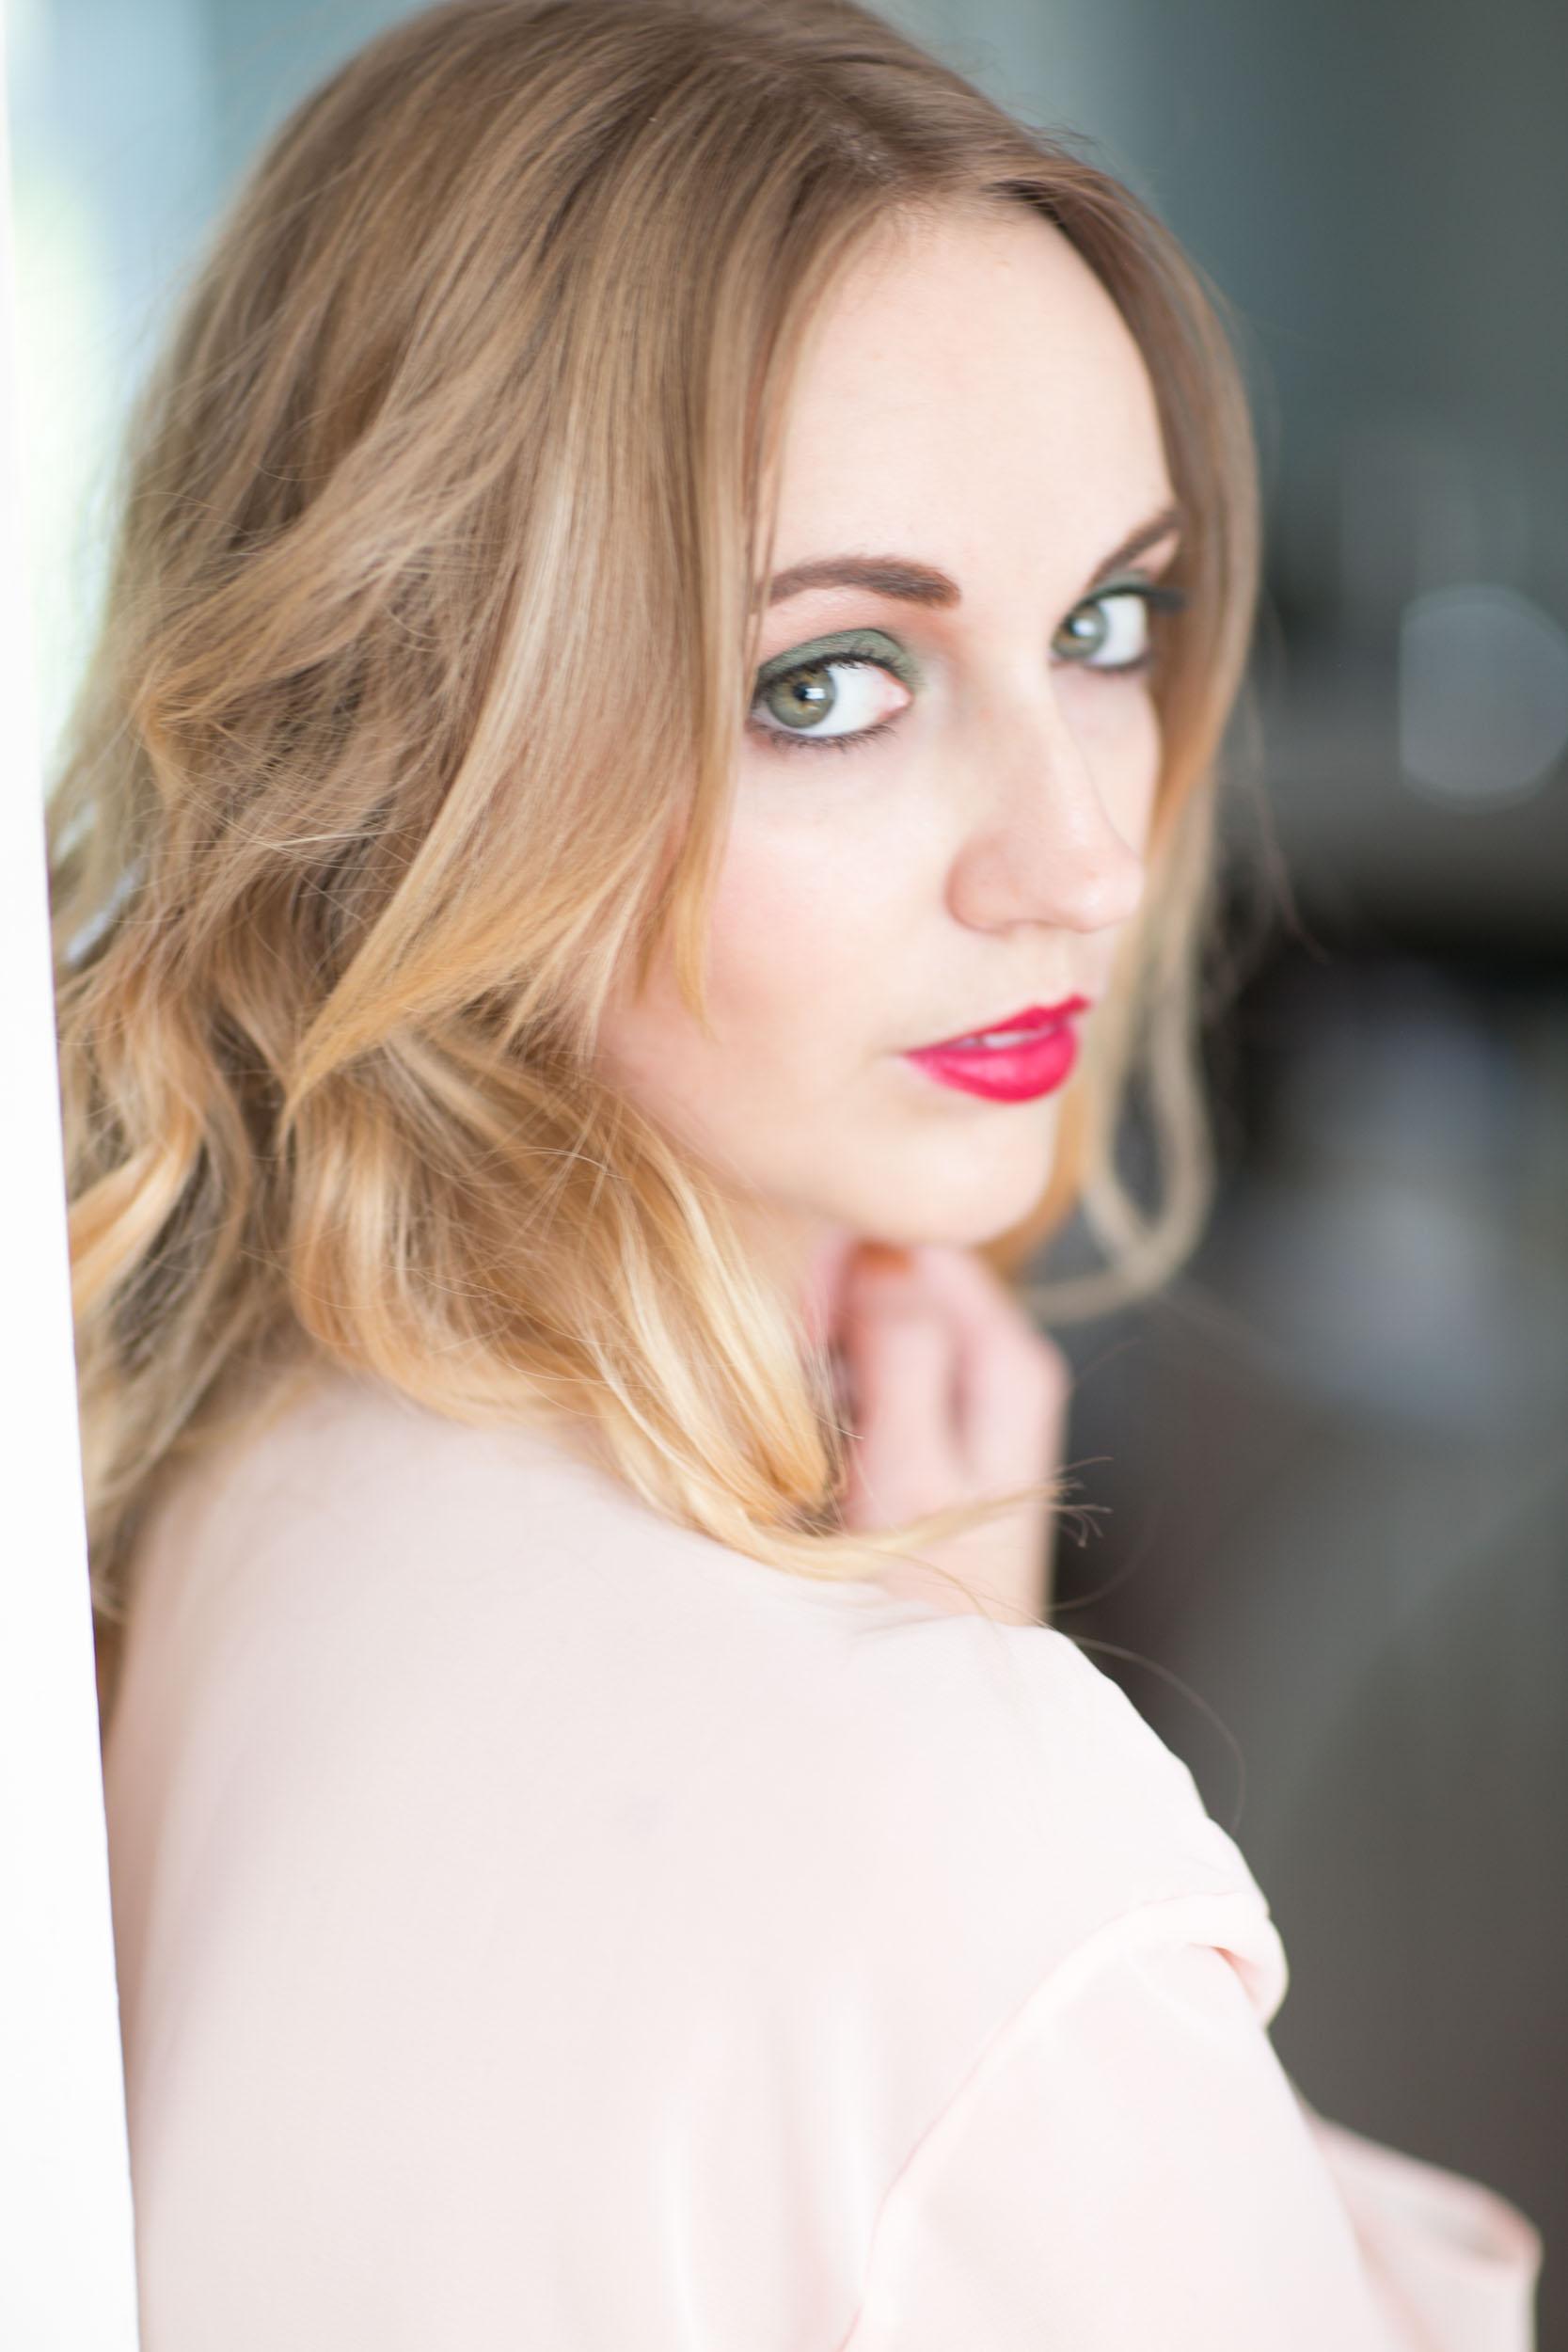 Shine-Female-Model-Actor-Dancer-Rebecca-02.jpg#asset:47902